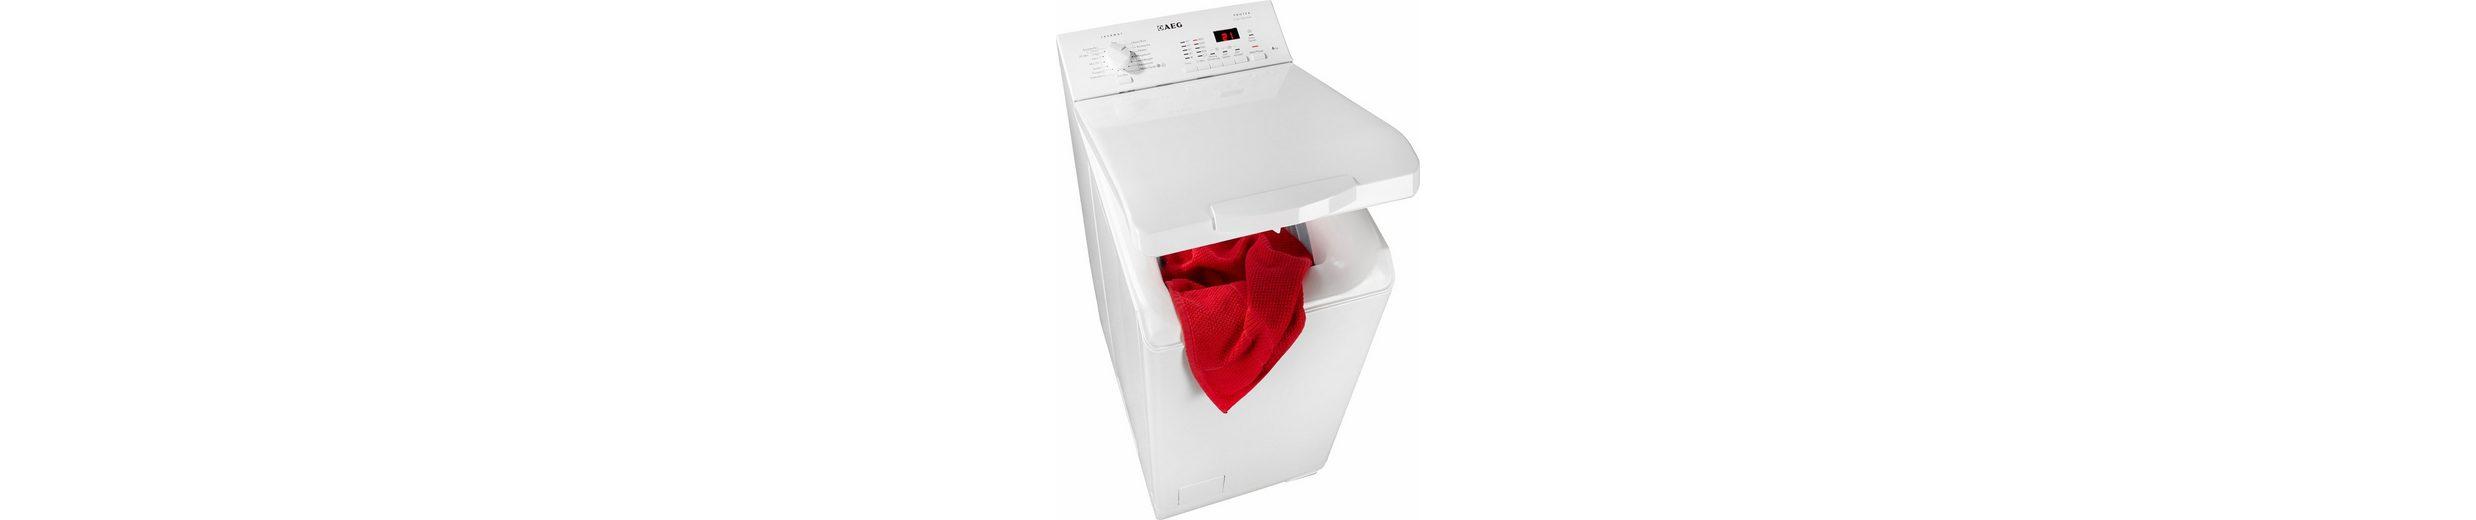 AEG Waschmaschine Toplader Lavamat L62460TL, A+++, 6 kg, 1400 U/Min